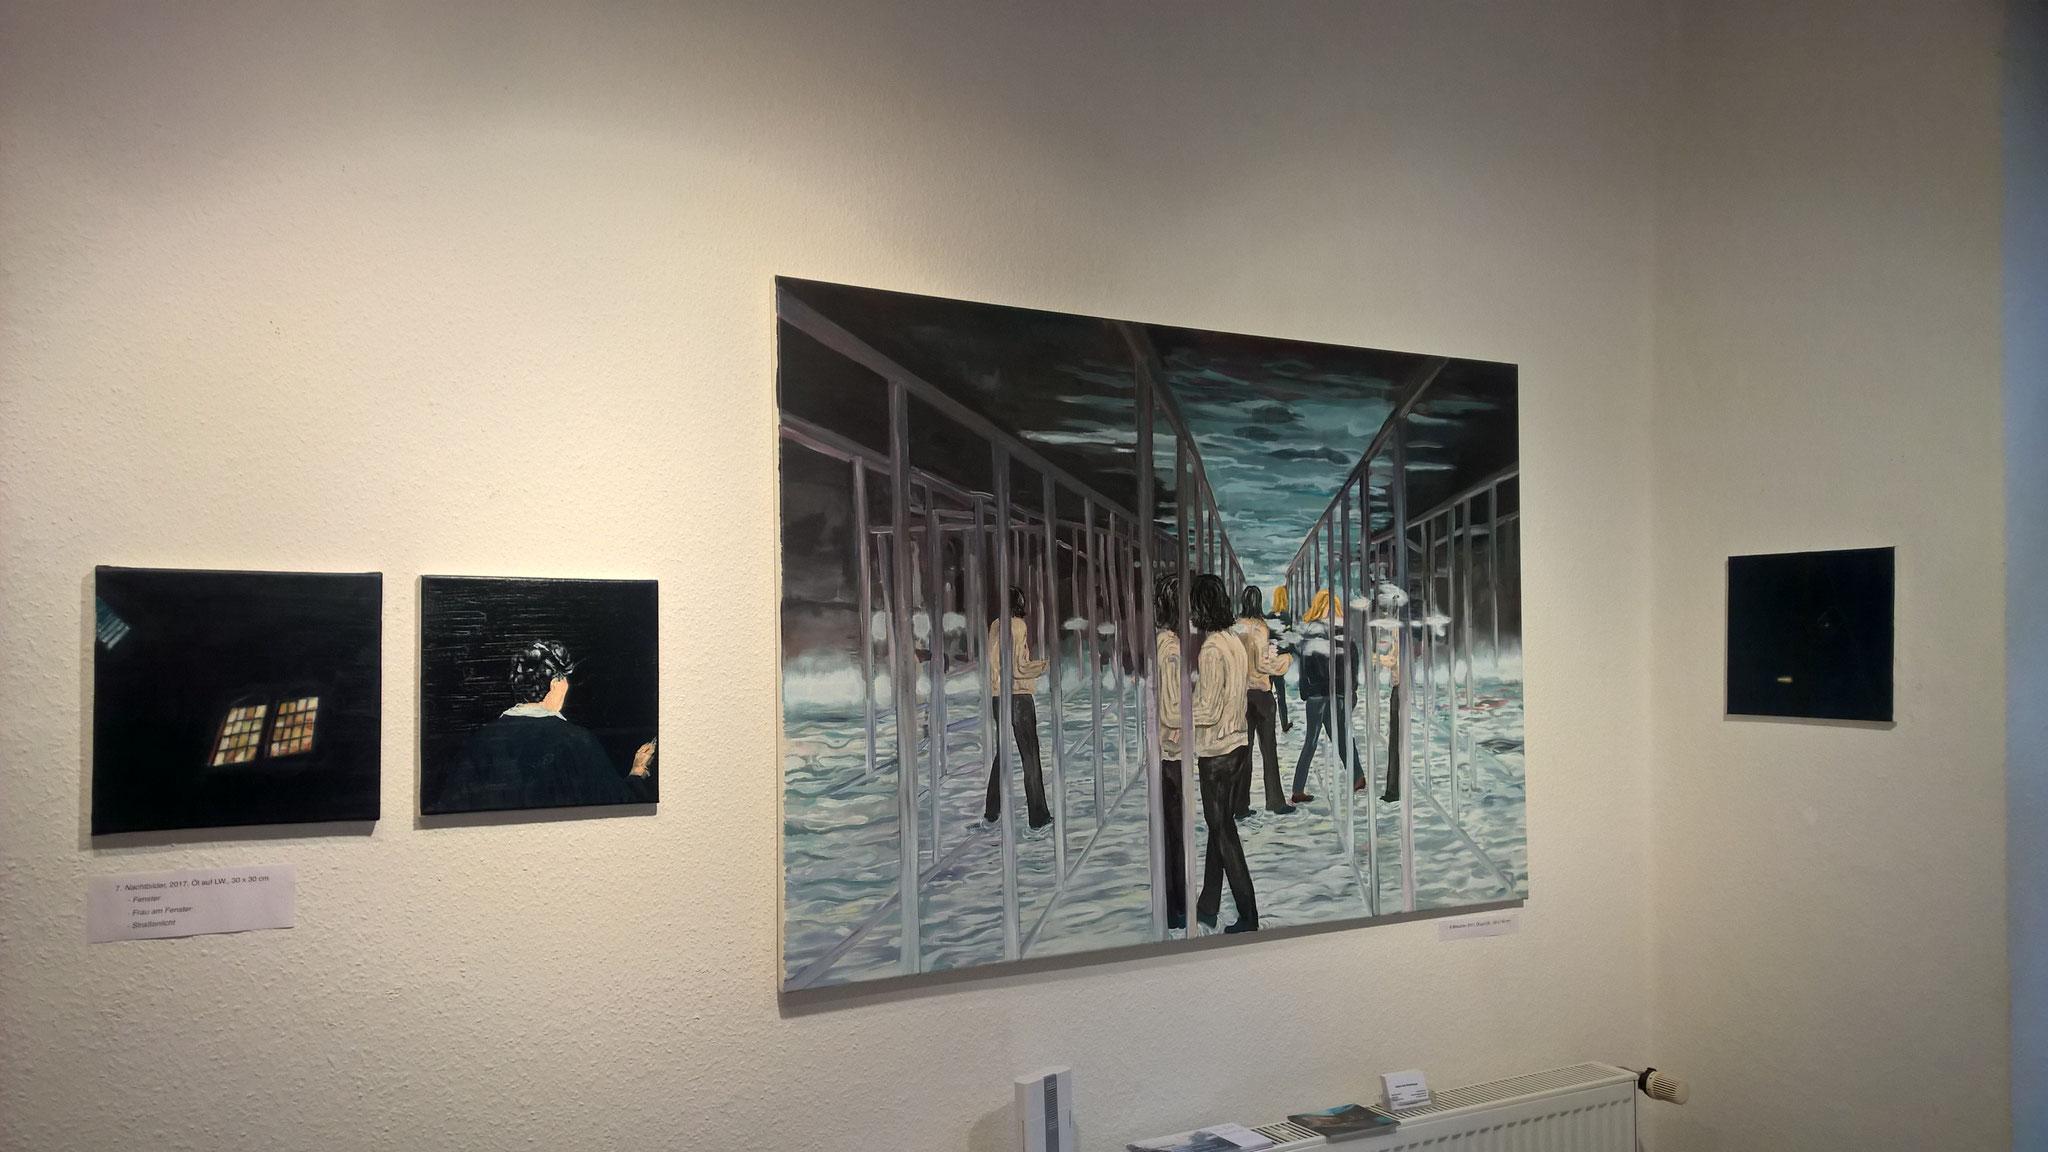 Ausstellungsansicht Galerie Udo Würtenberger, Berlin, 2018